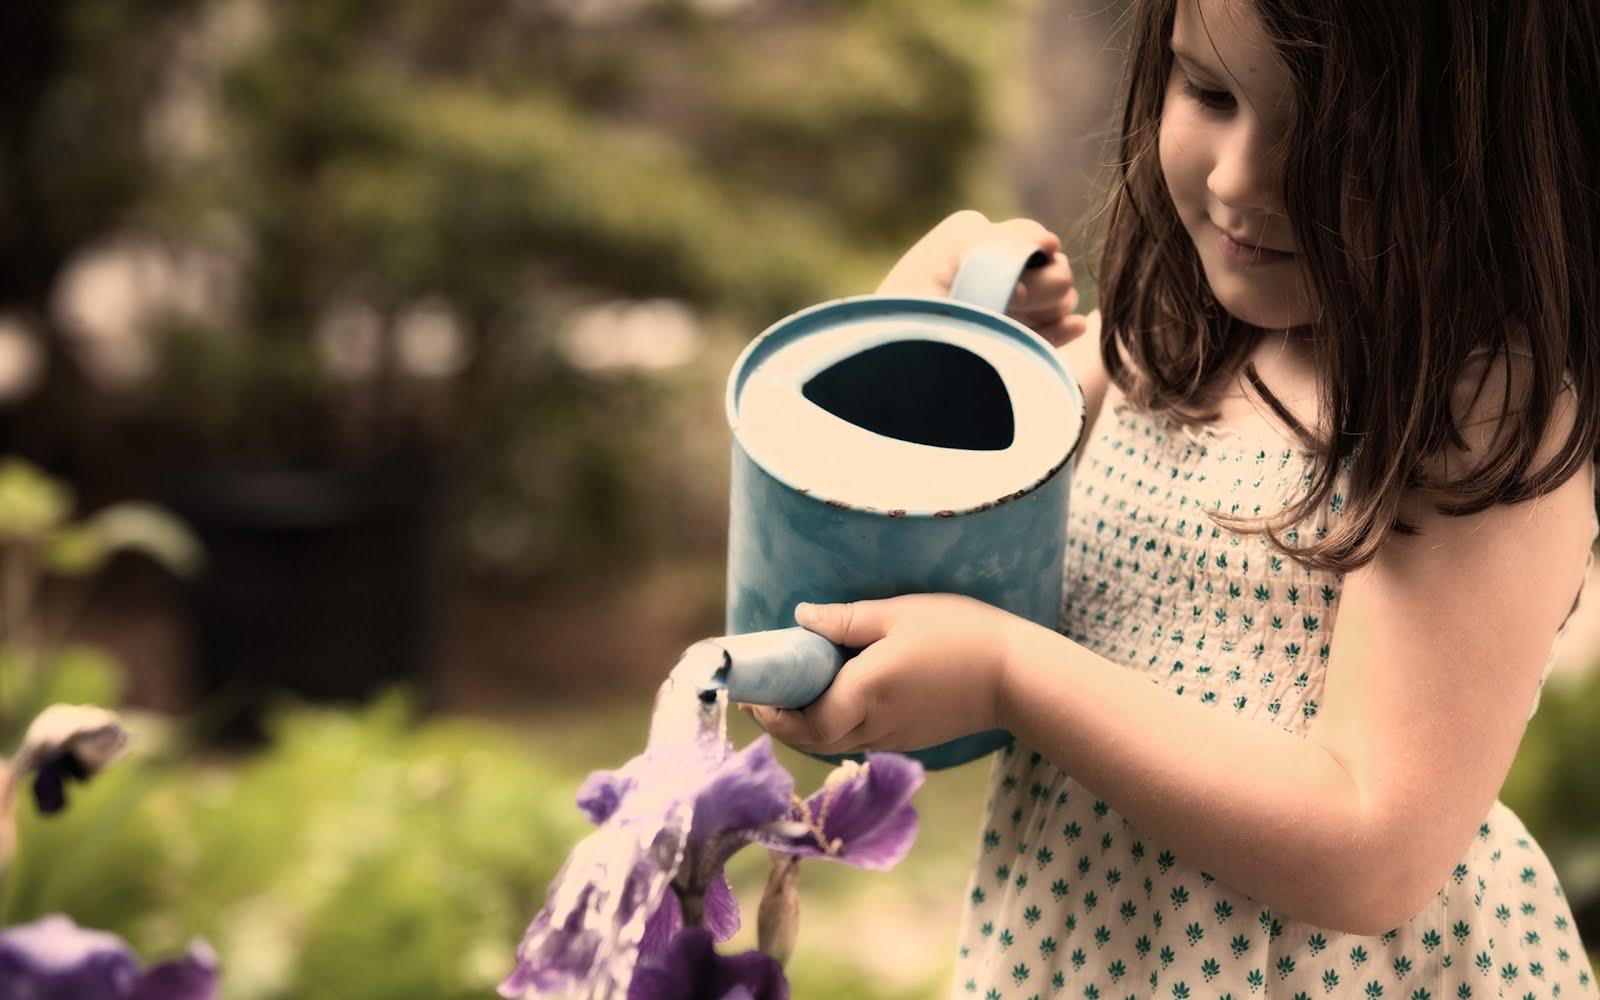 Момиченце полива градинка, HD Wallpaper